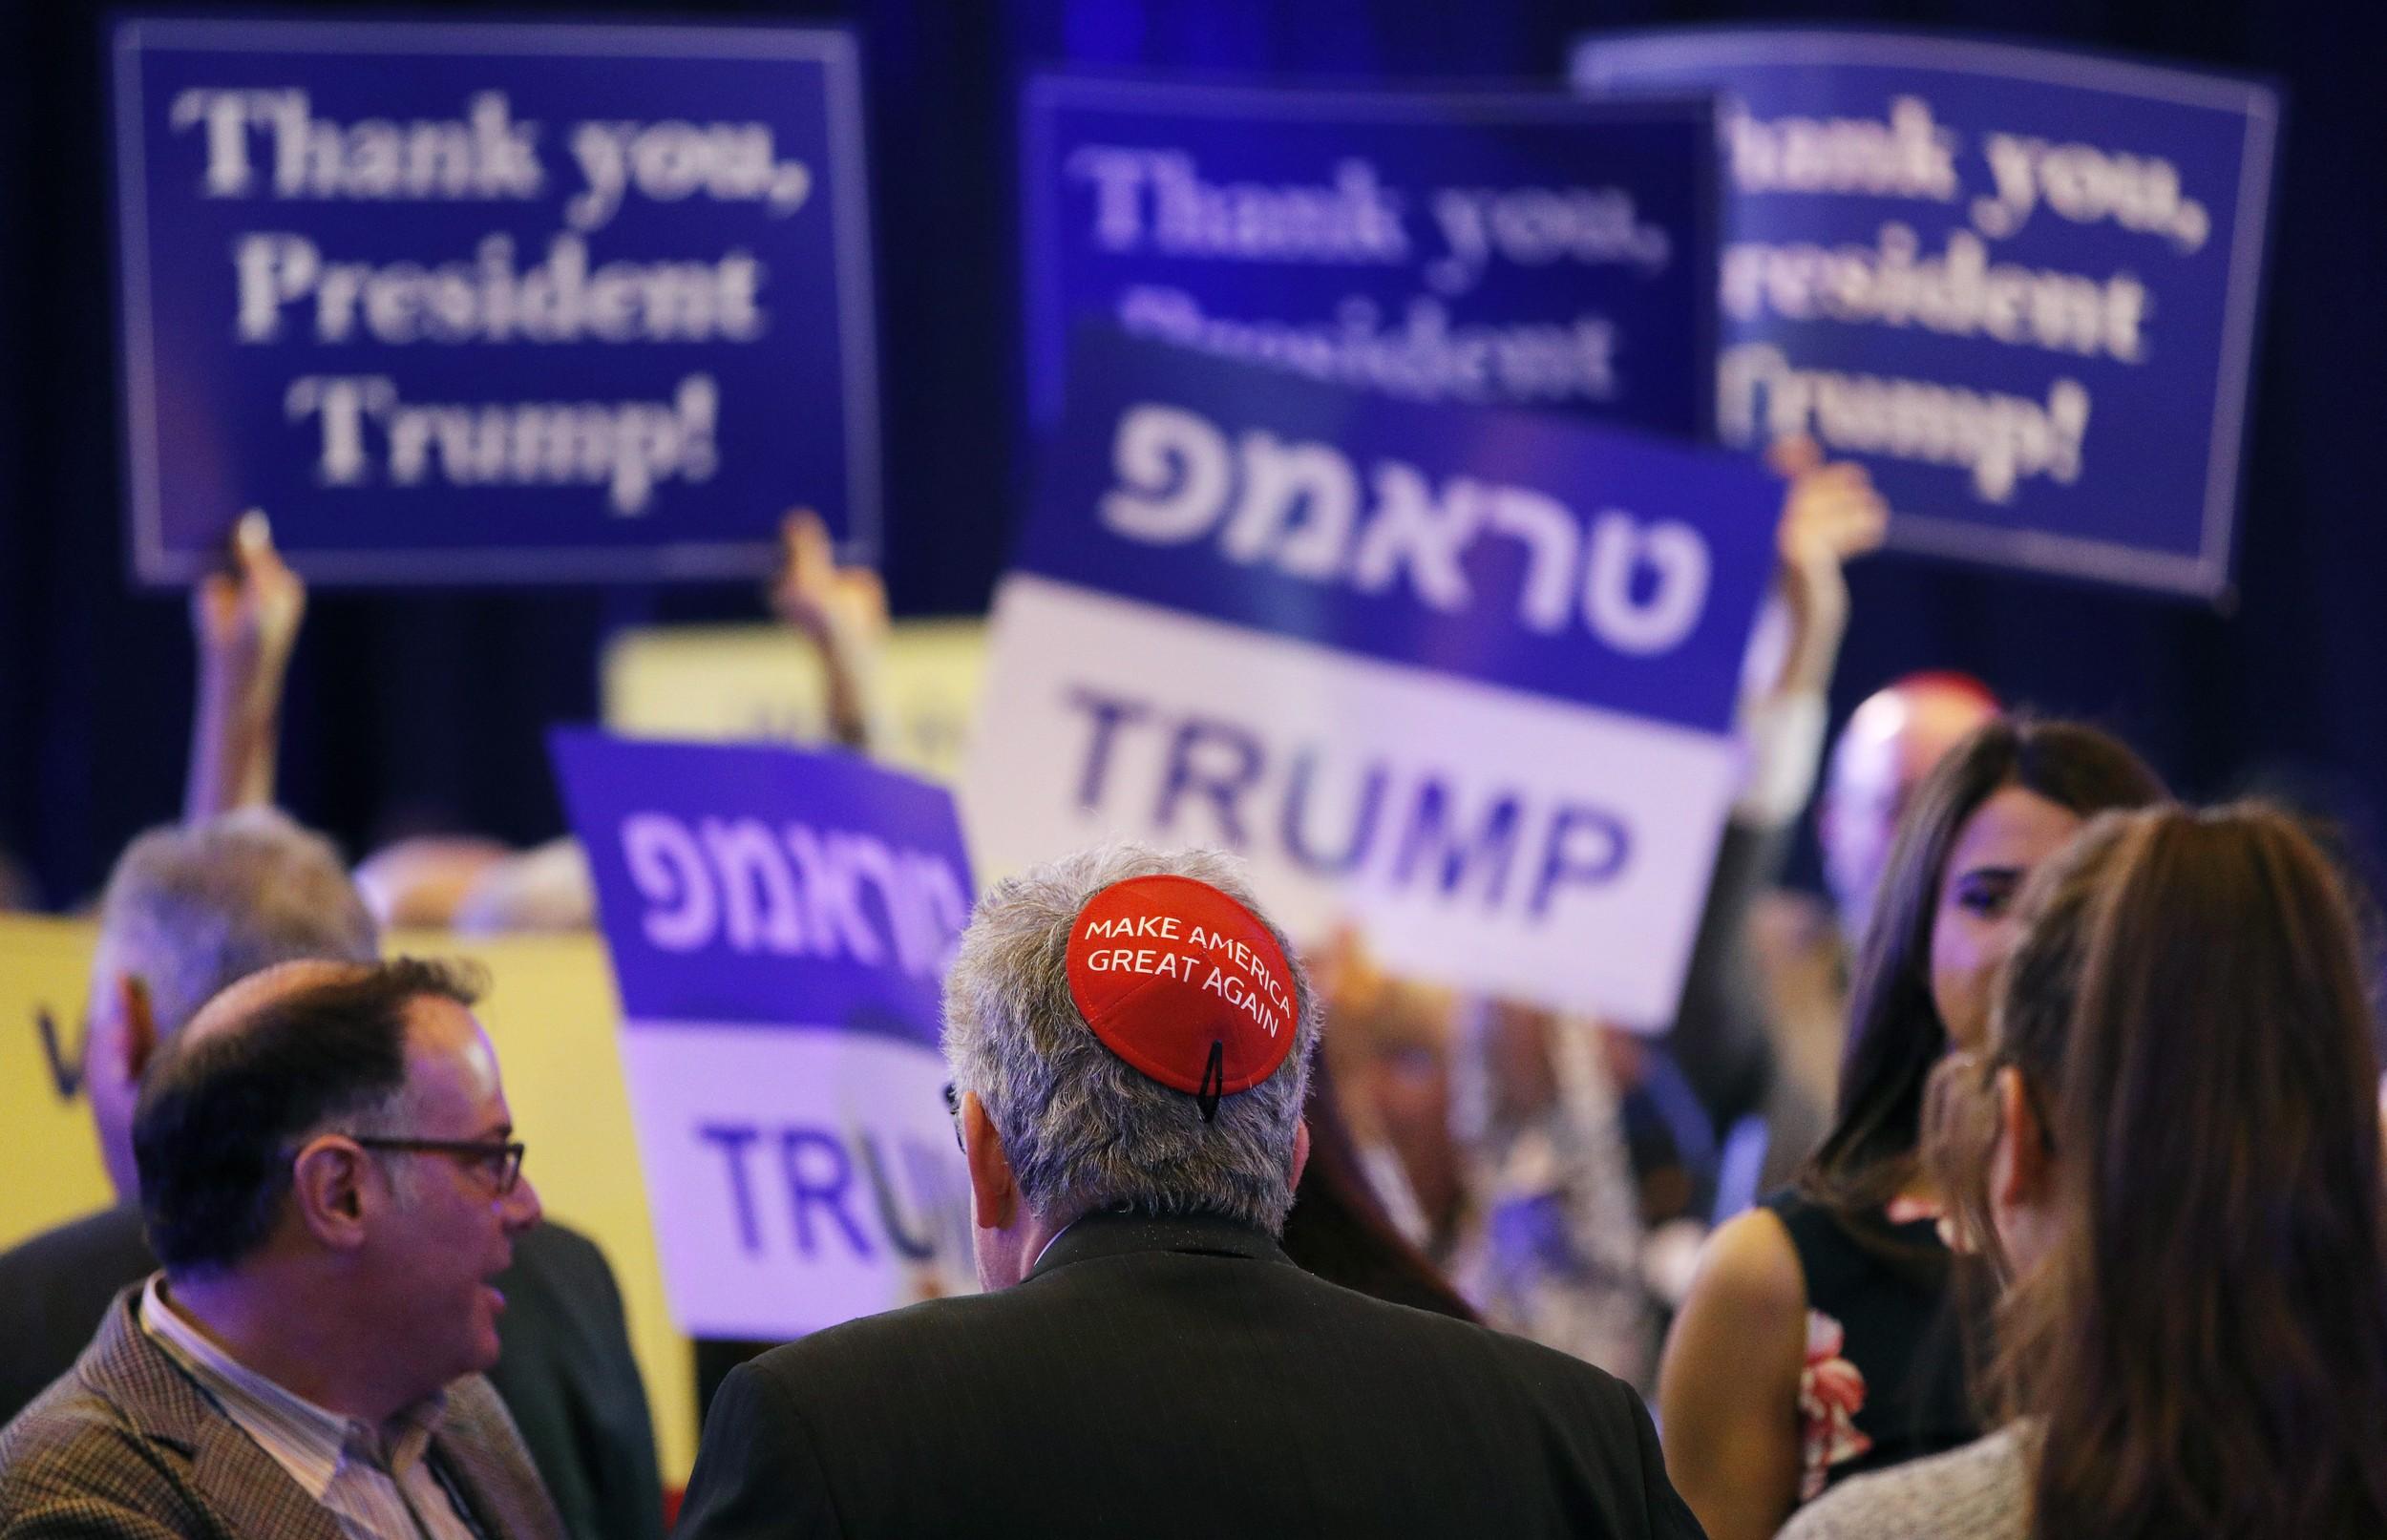 """一名男子头戴写有""""让美国再次伟大""""的圆顶小帽子参加一场支持特朗普总统的聚会。(美联社)"""